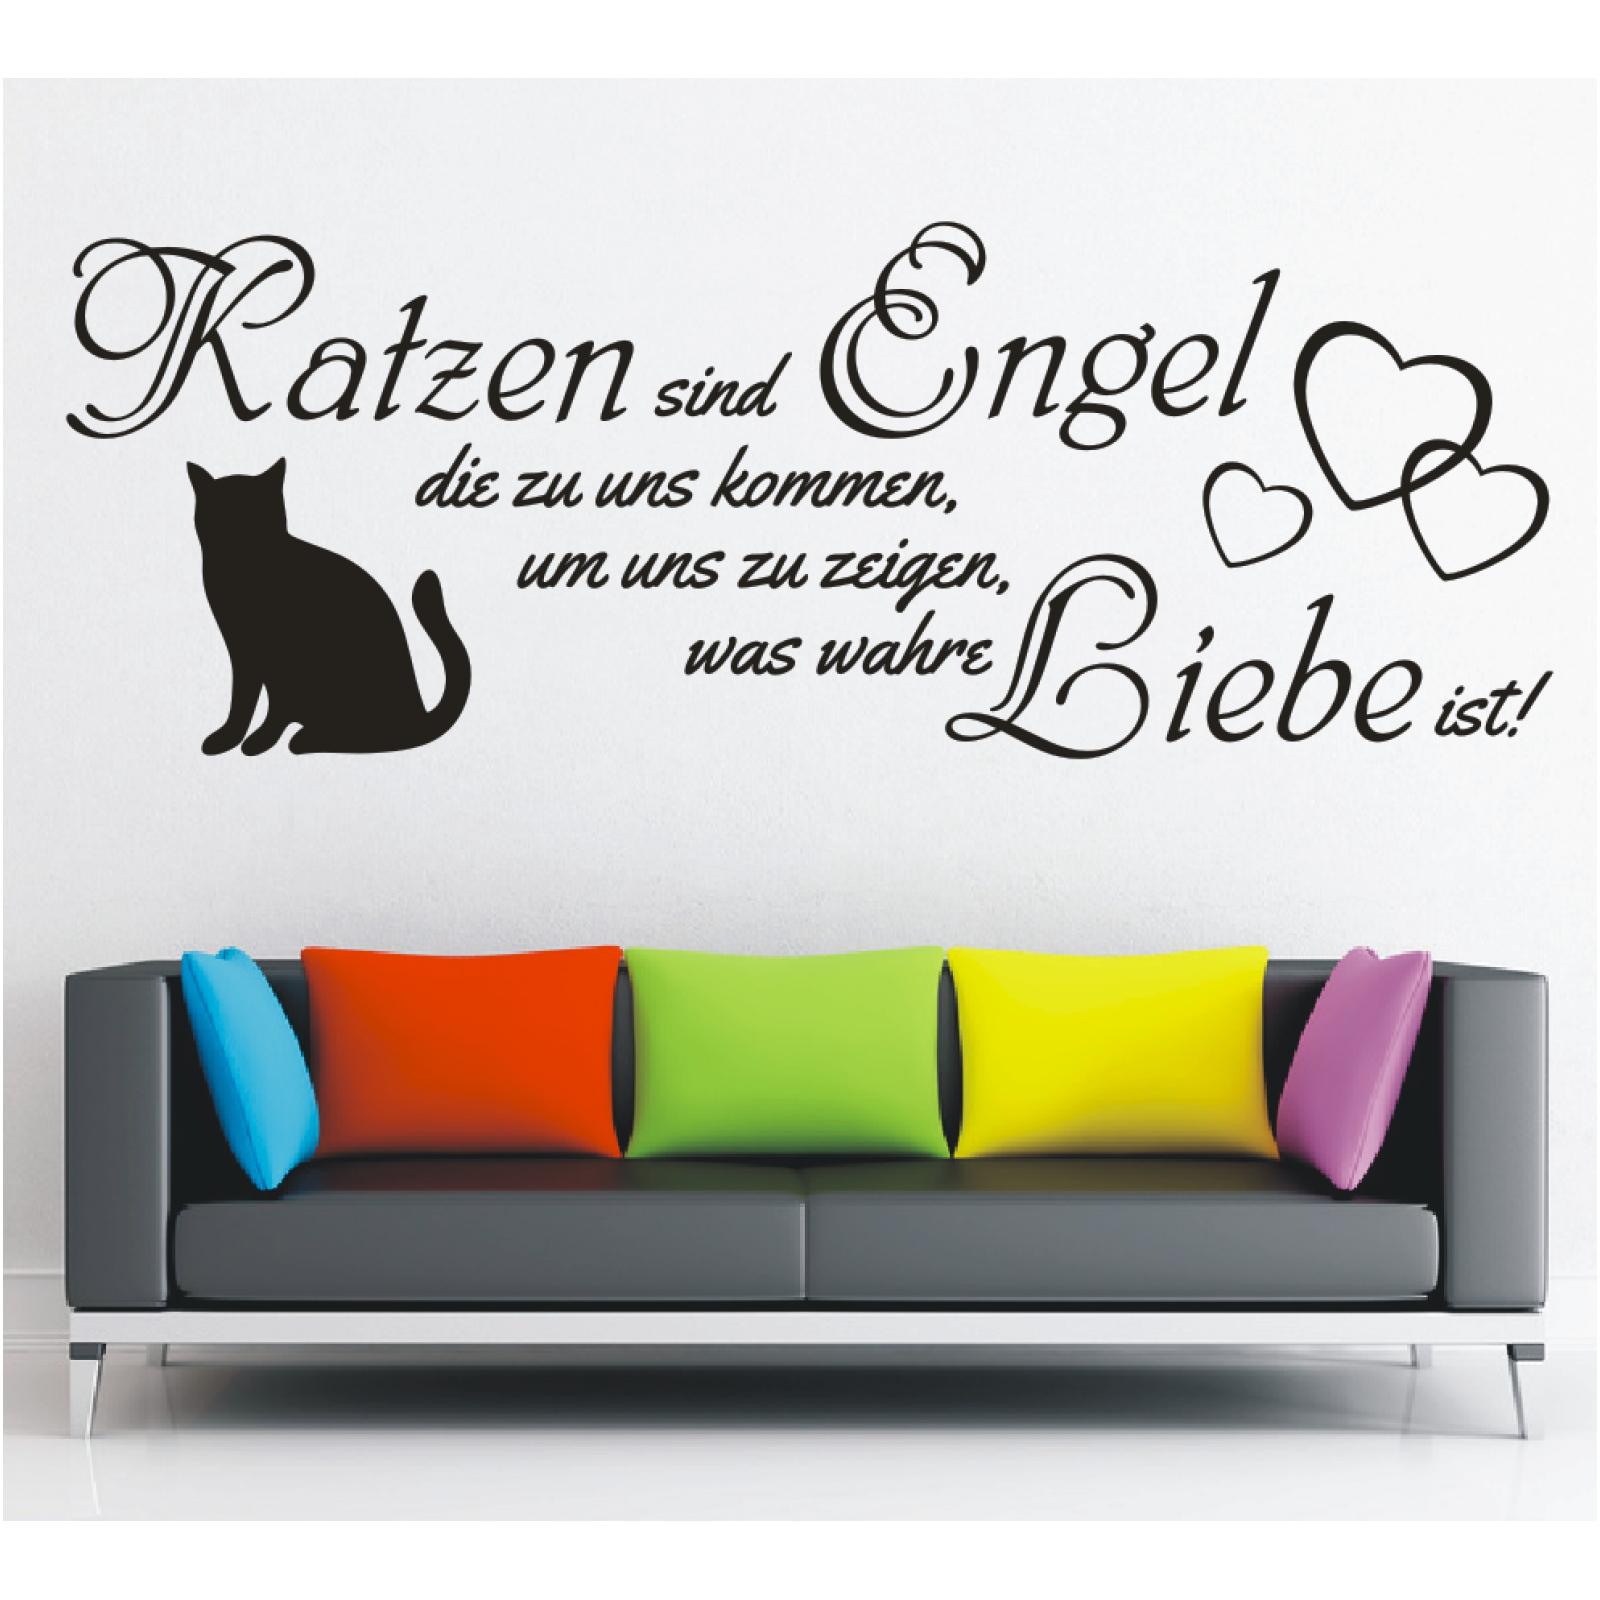 Spruche Fur Die Wahre Liebe.Details Zu Wandtattoo Spruch Katzen Engel Wahre Liebe Sticker Wandaufkleber Wandsticker 3